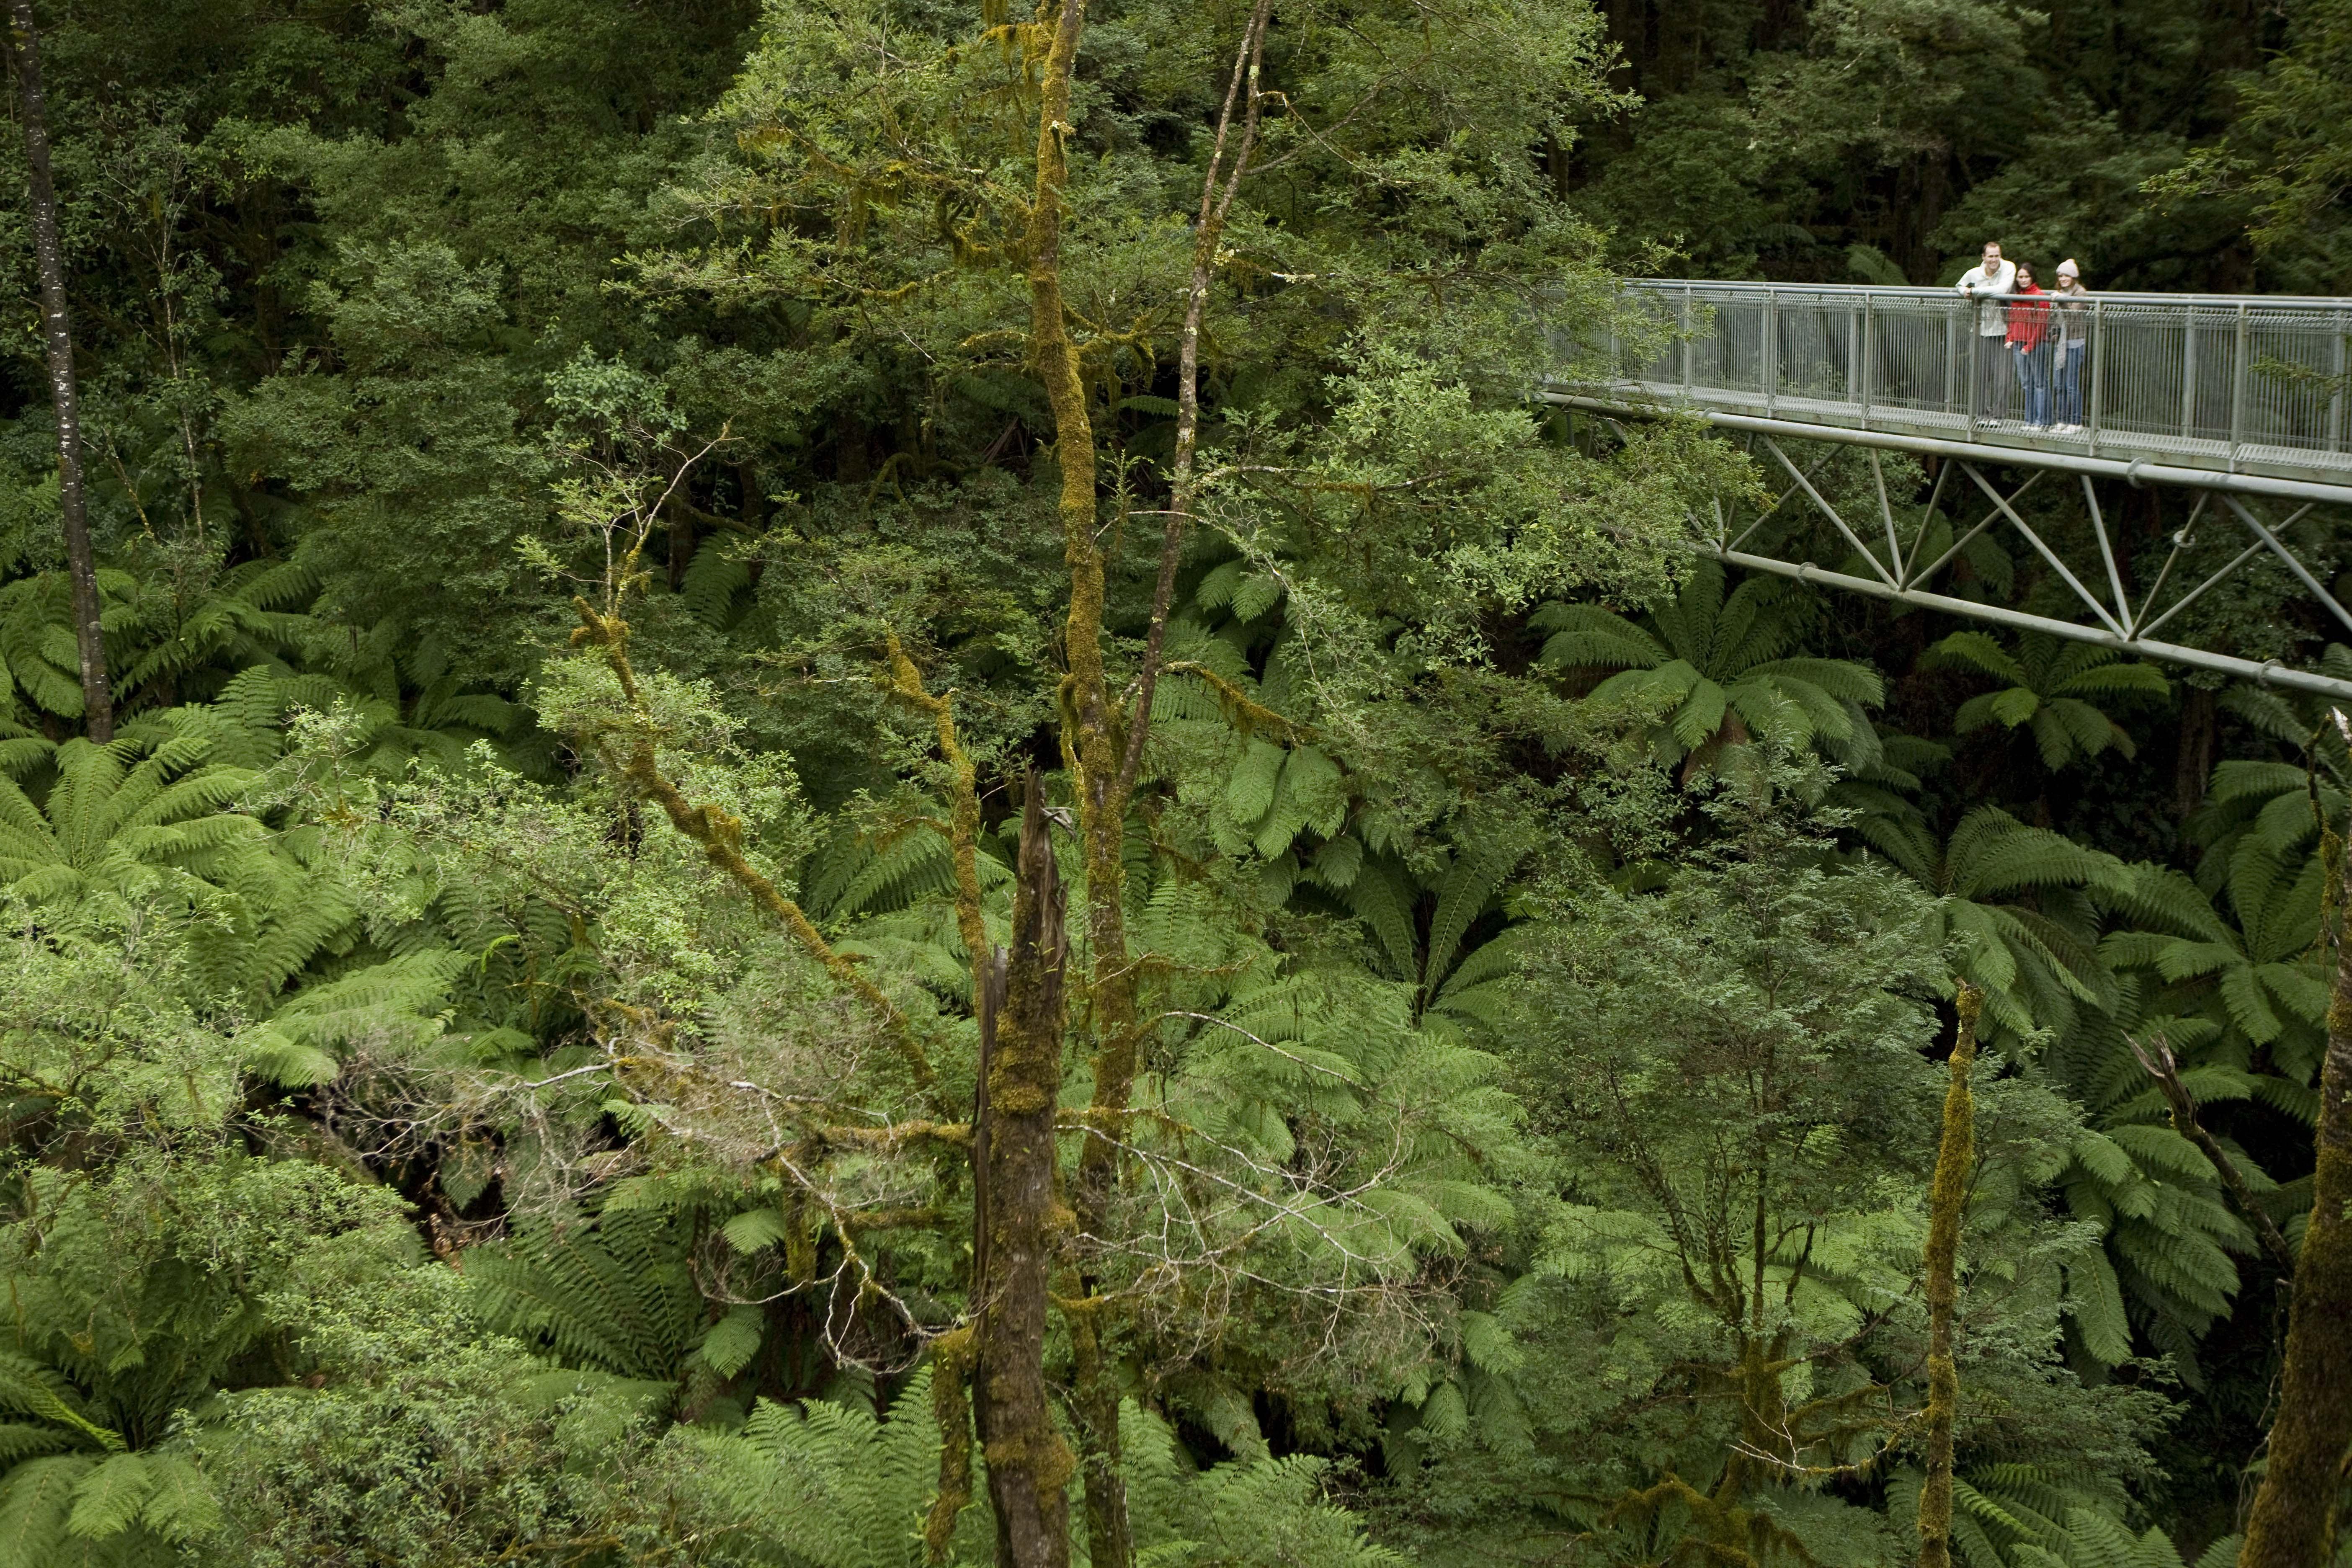 Otway Fly Treetop Adventure, Zip Line Tour - Otways